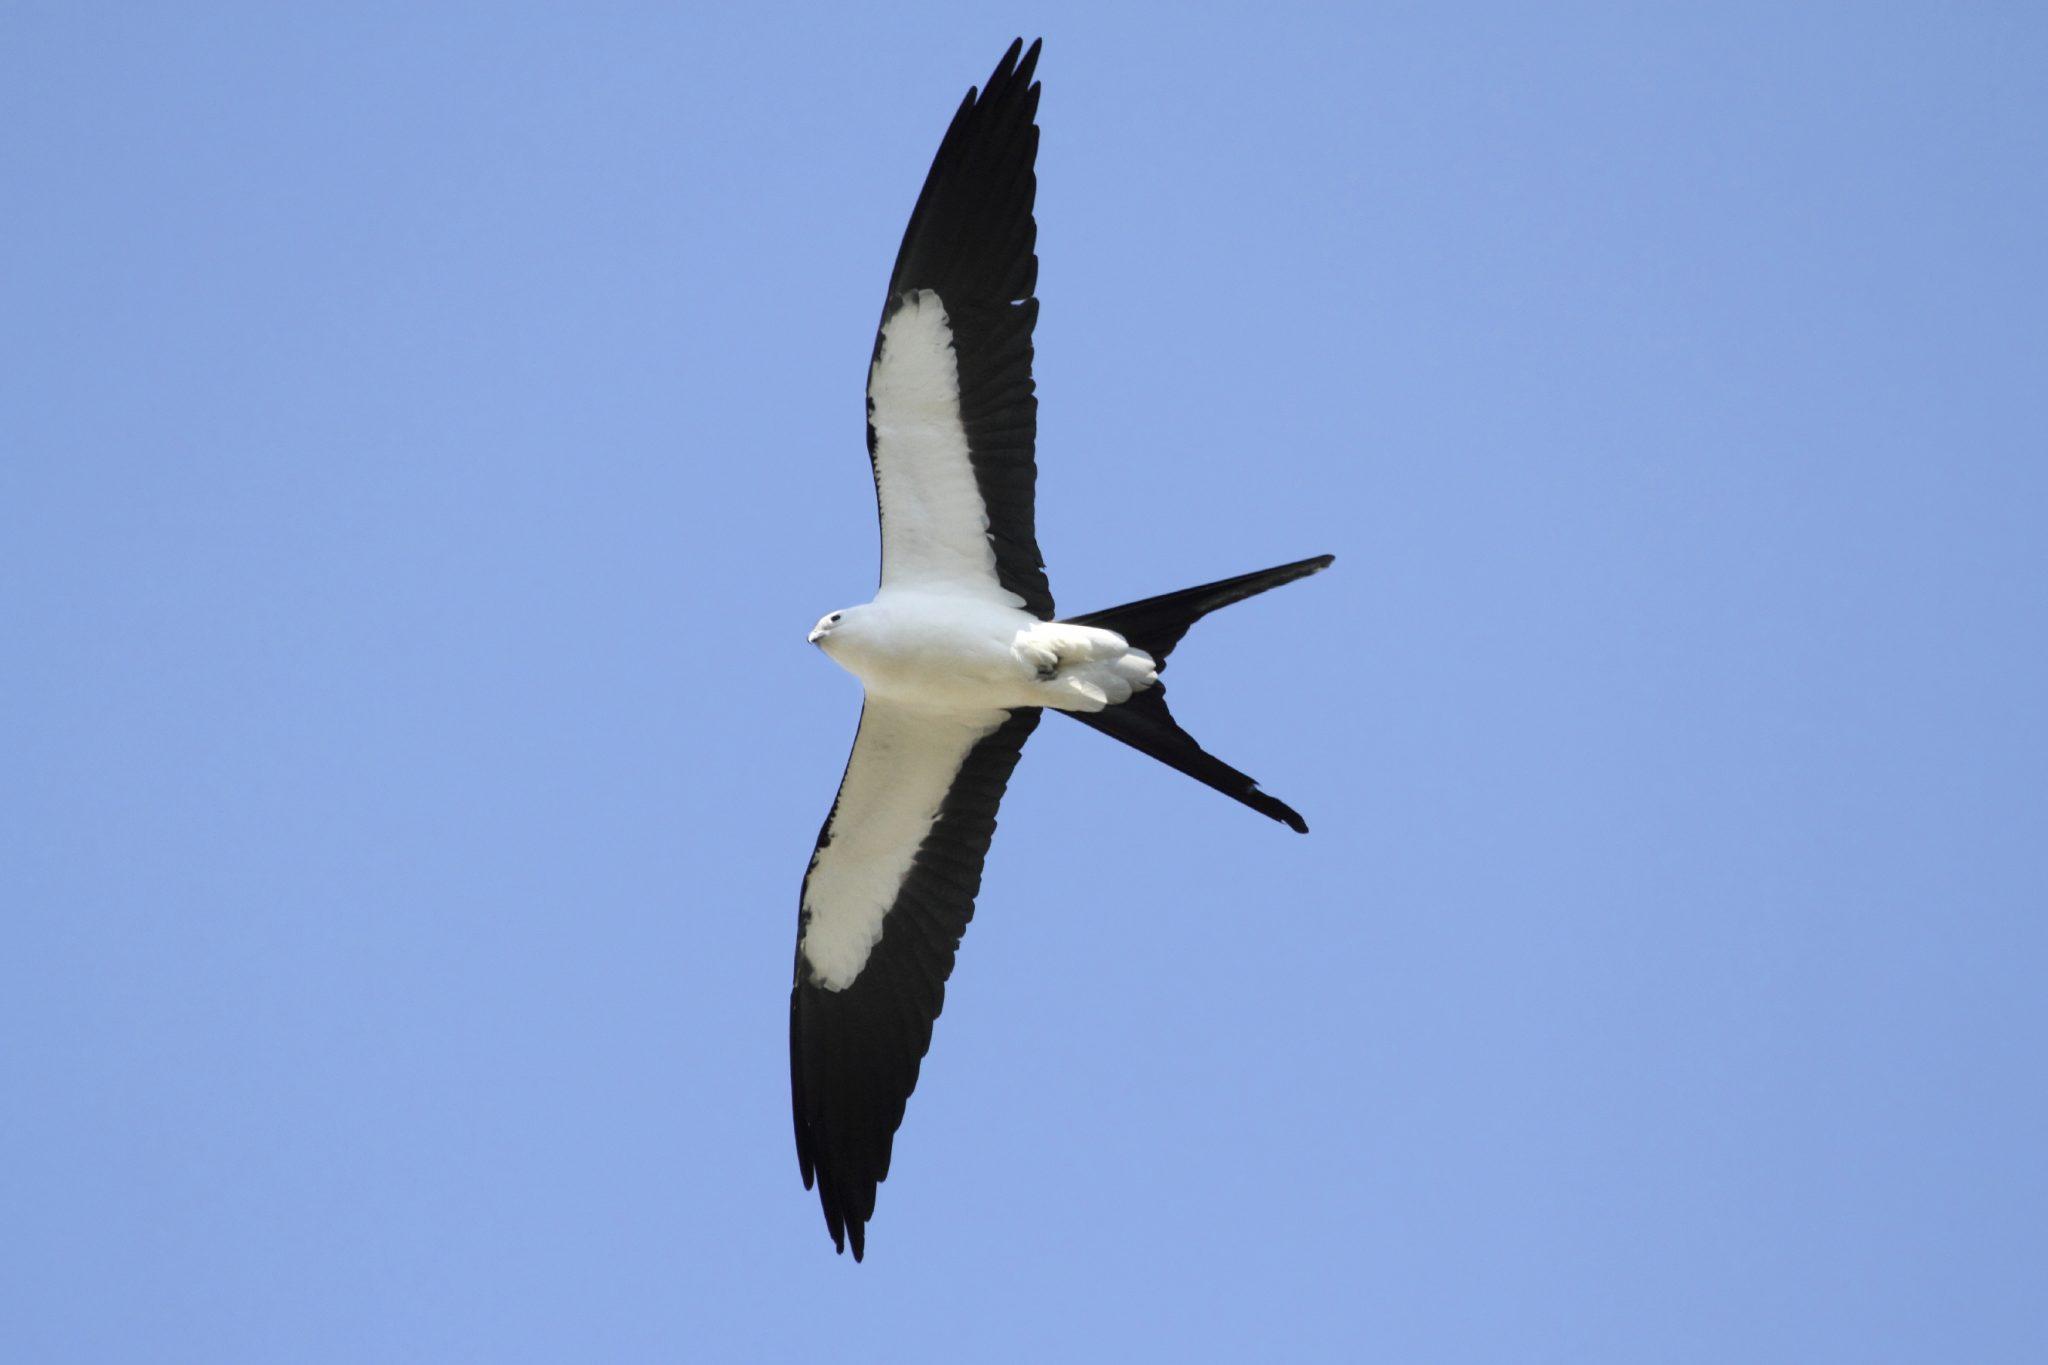 Swallow-tailed kite (Elanoides foficatus)